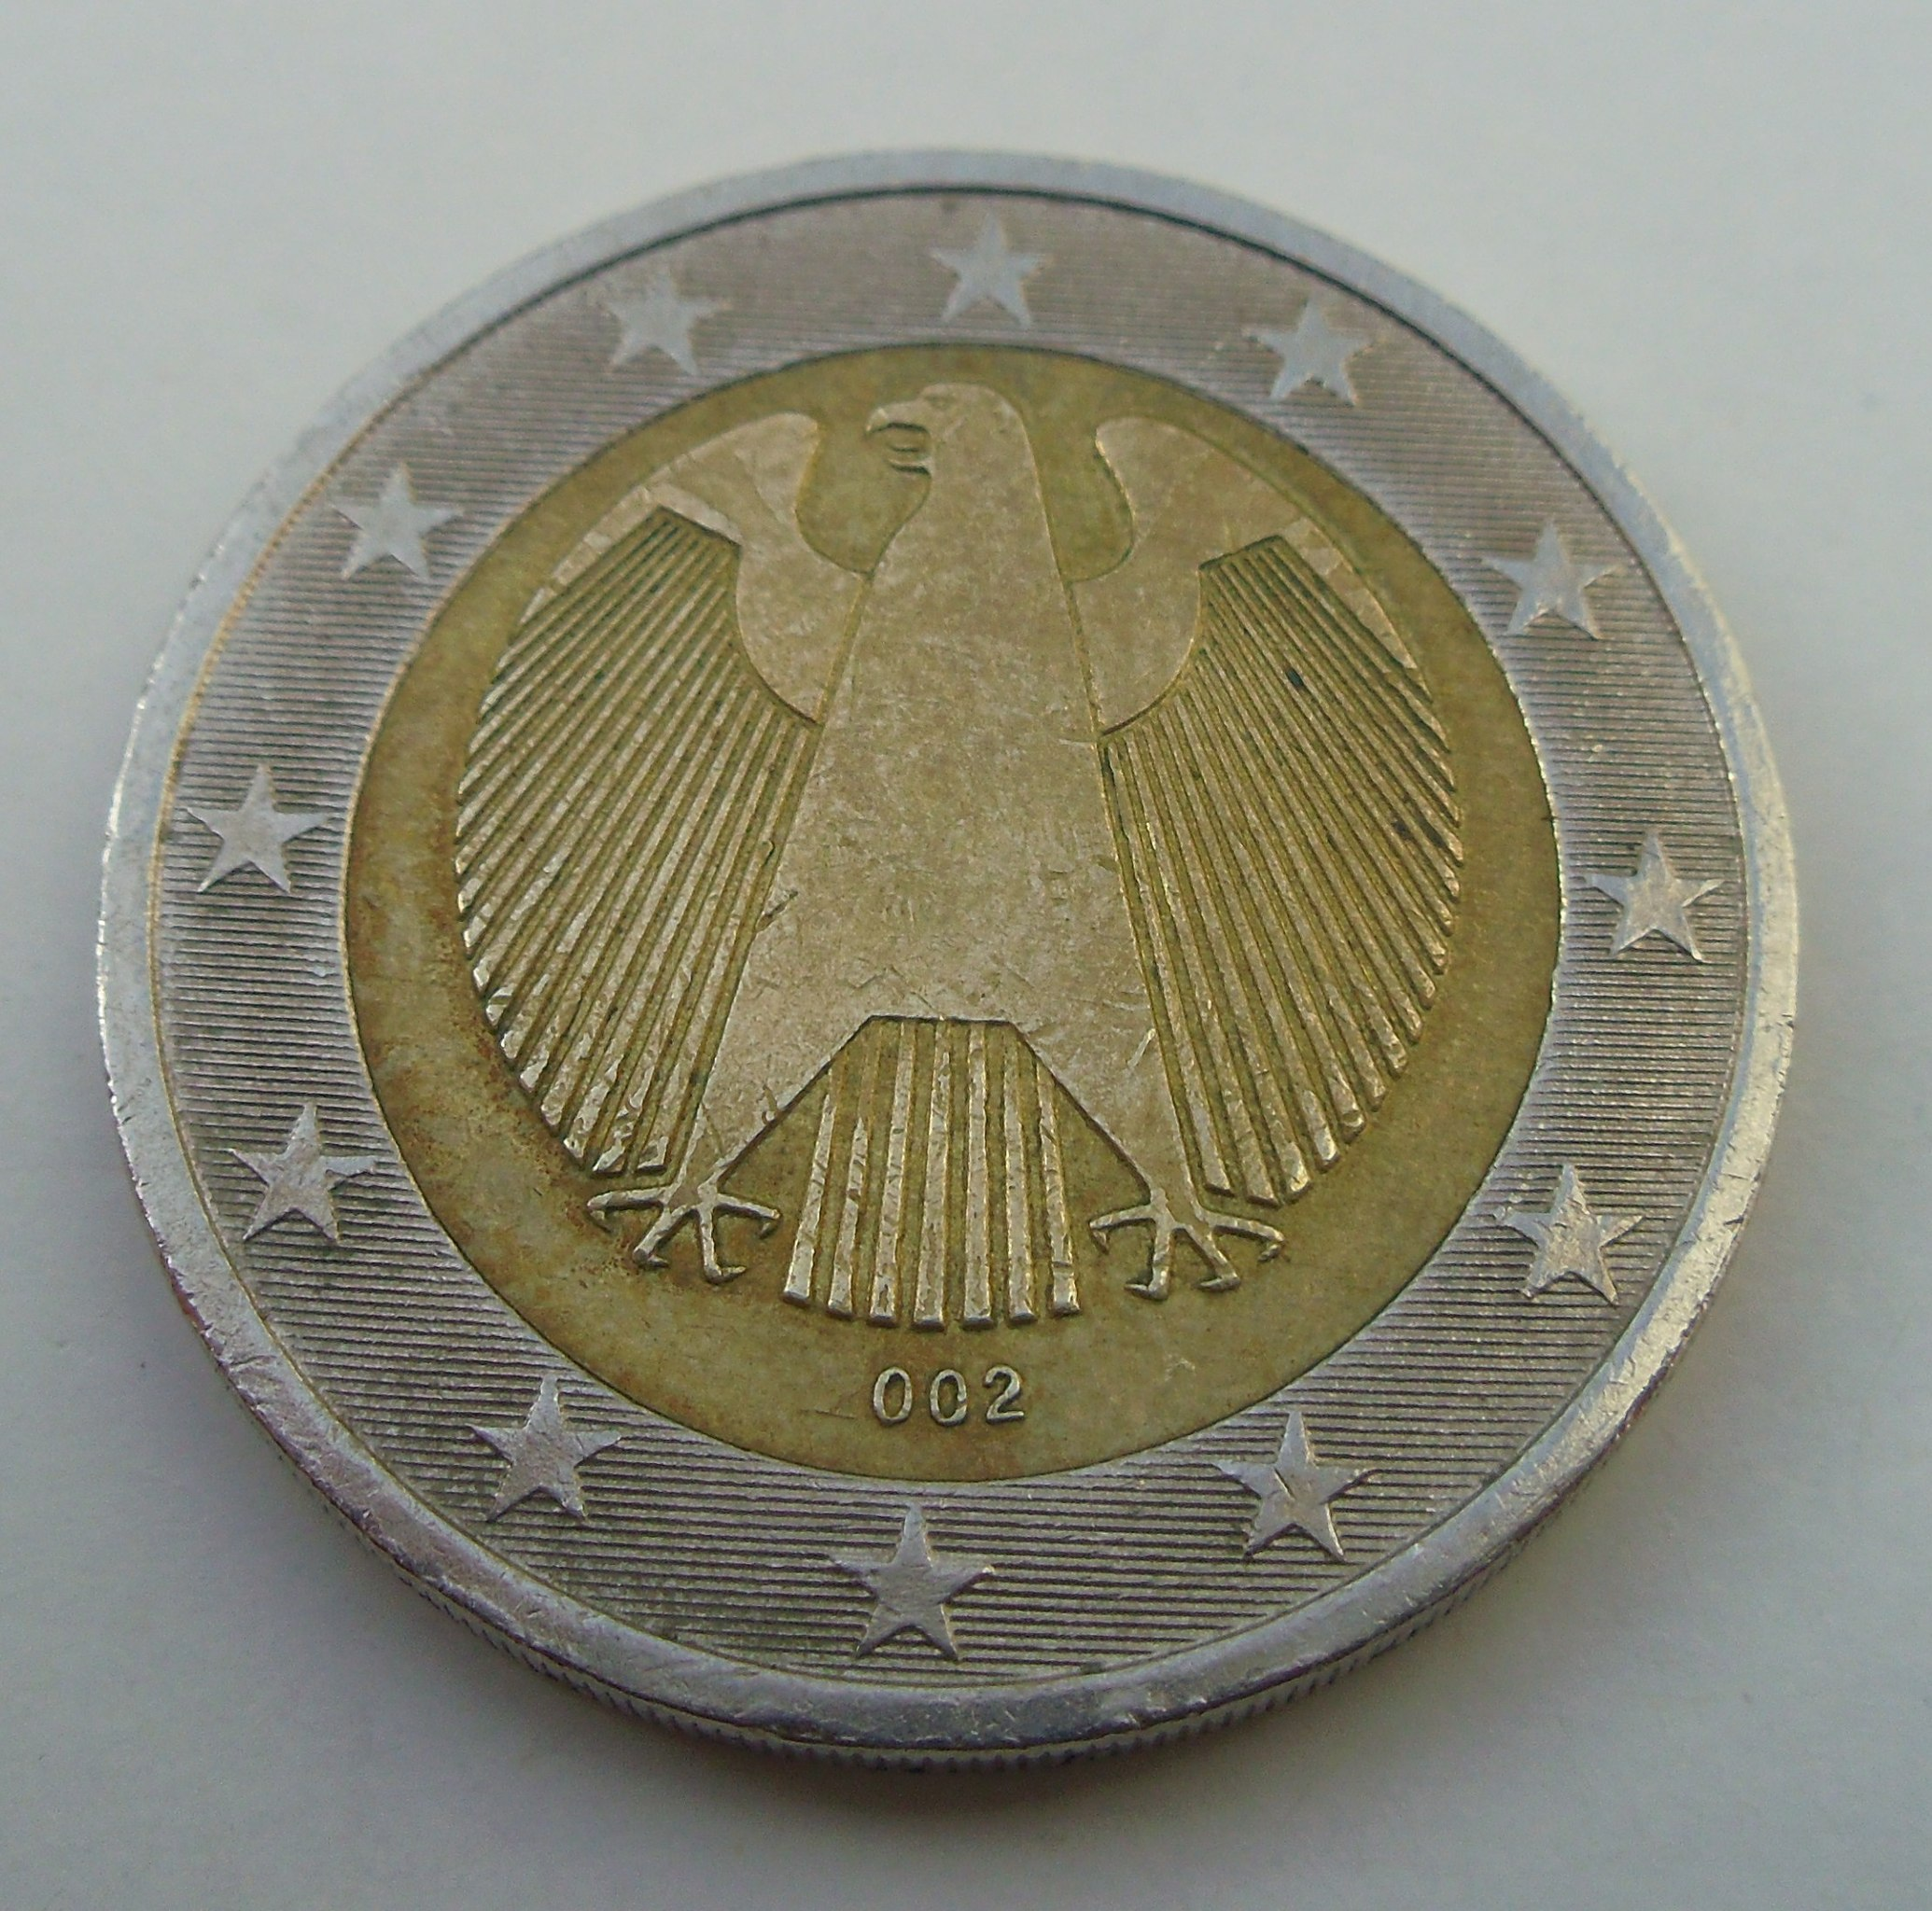 Moneda de 2€ de Alemania con error en el año U7_HFEXm0Vg